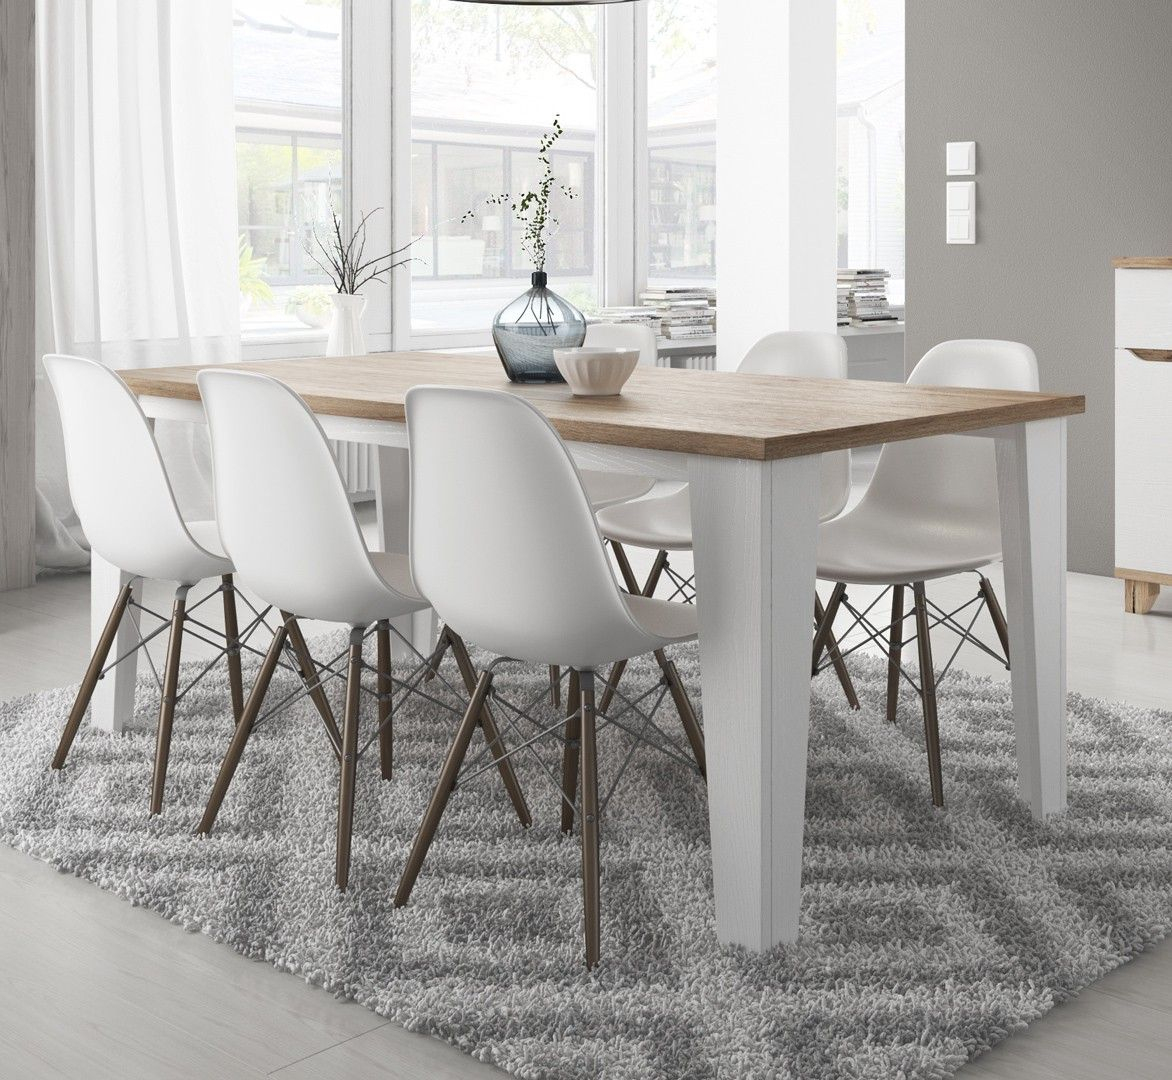 Et Si Vous Choisissiez Une Salle A Manger Design Table Encequiconcerne Meuble De Salle A Manger Ikea Agencecormierdelauniere Com Agencecormierdelauniere Com